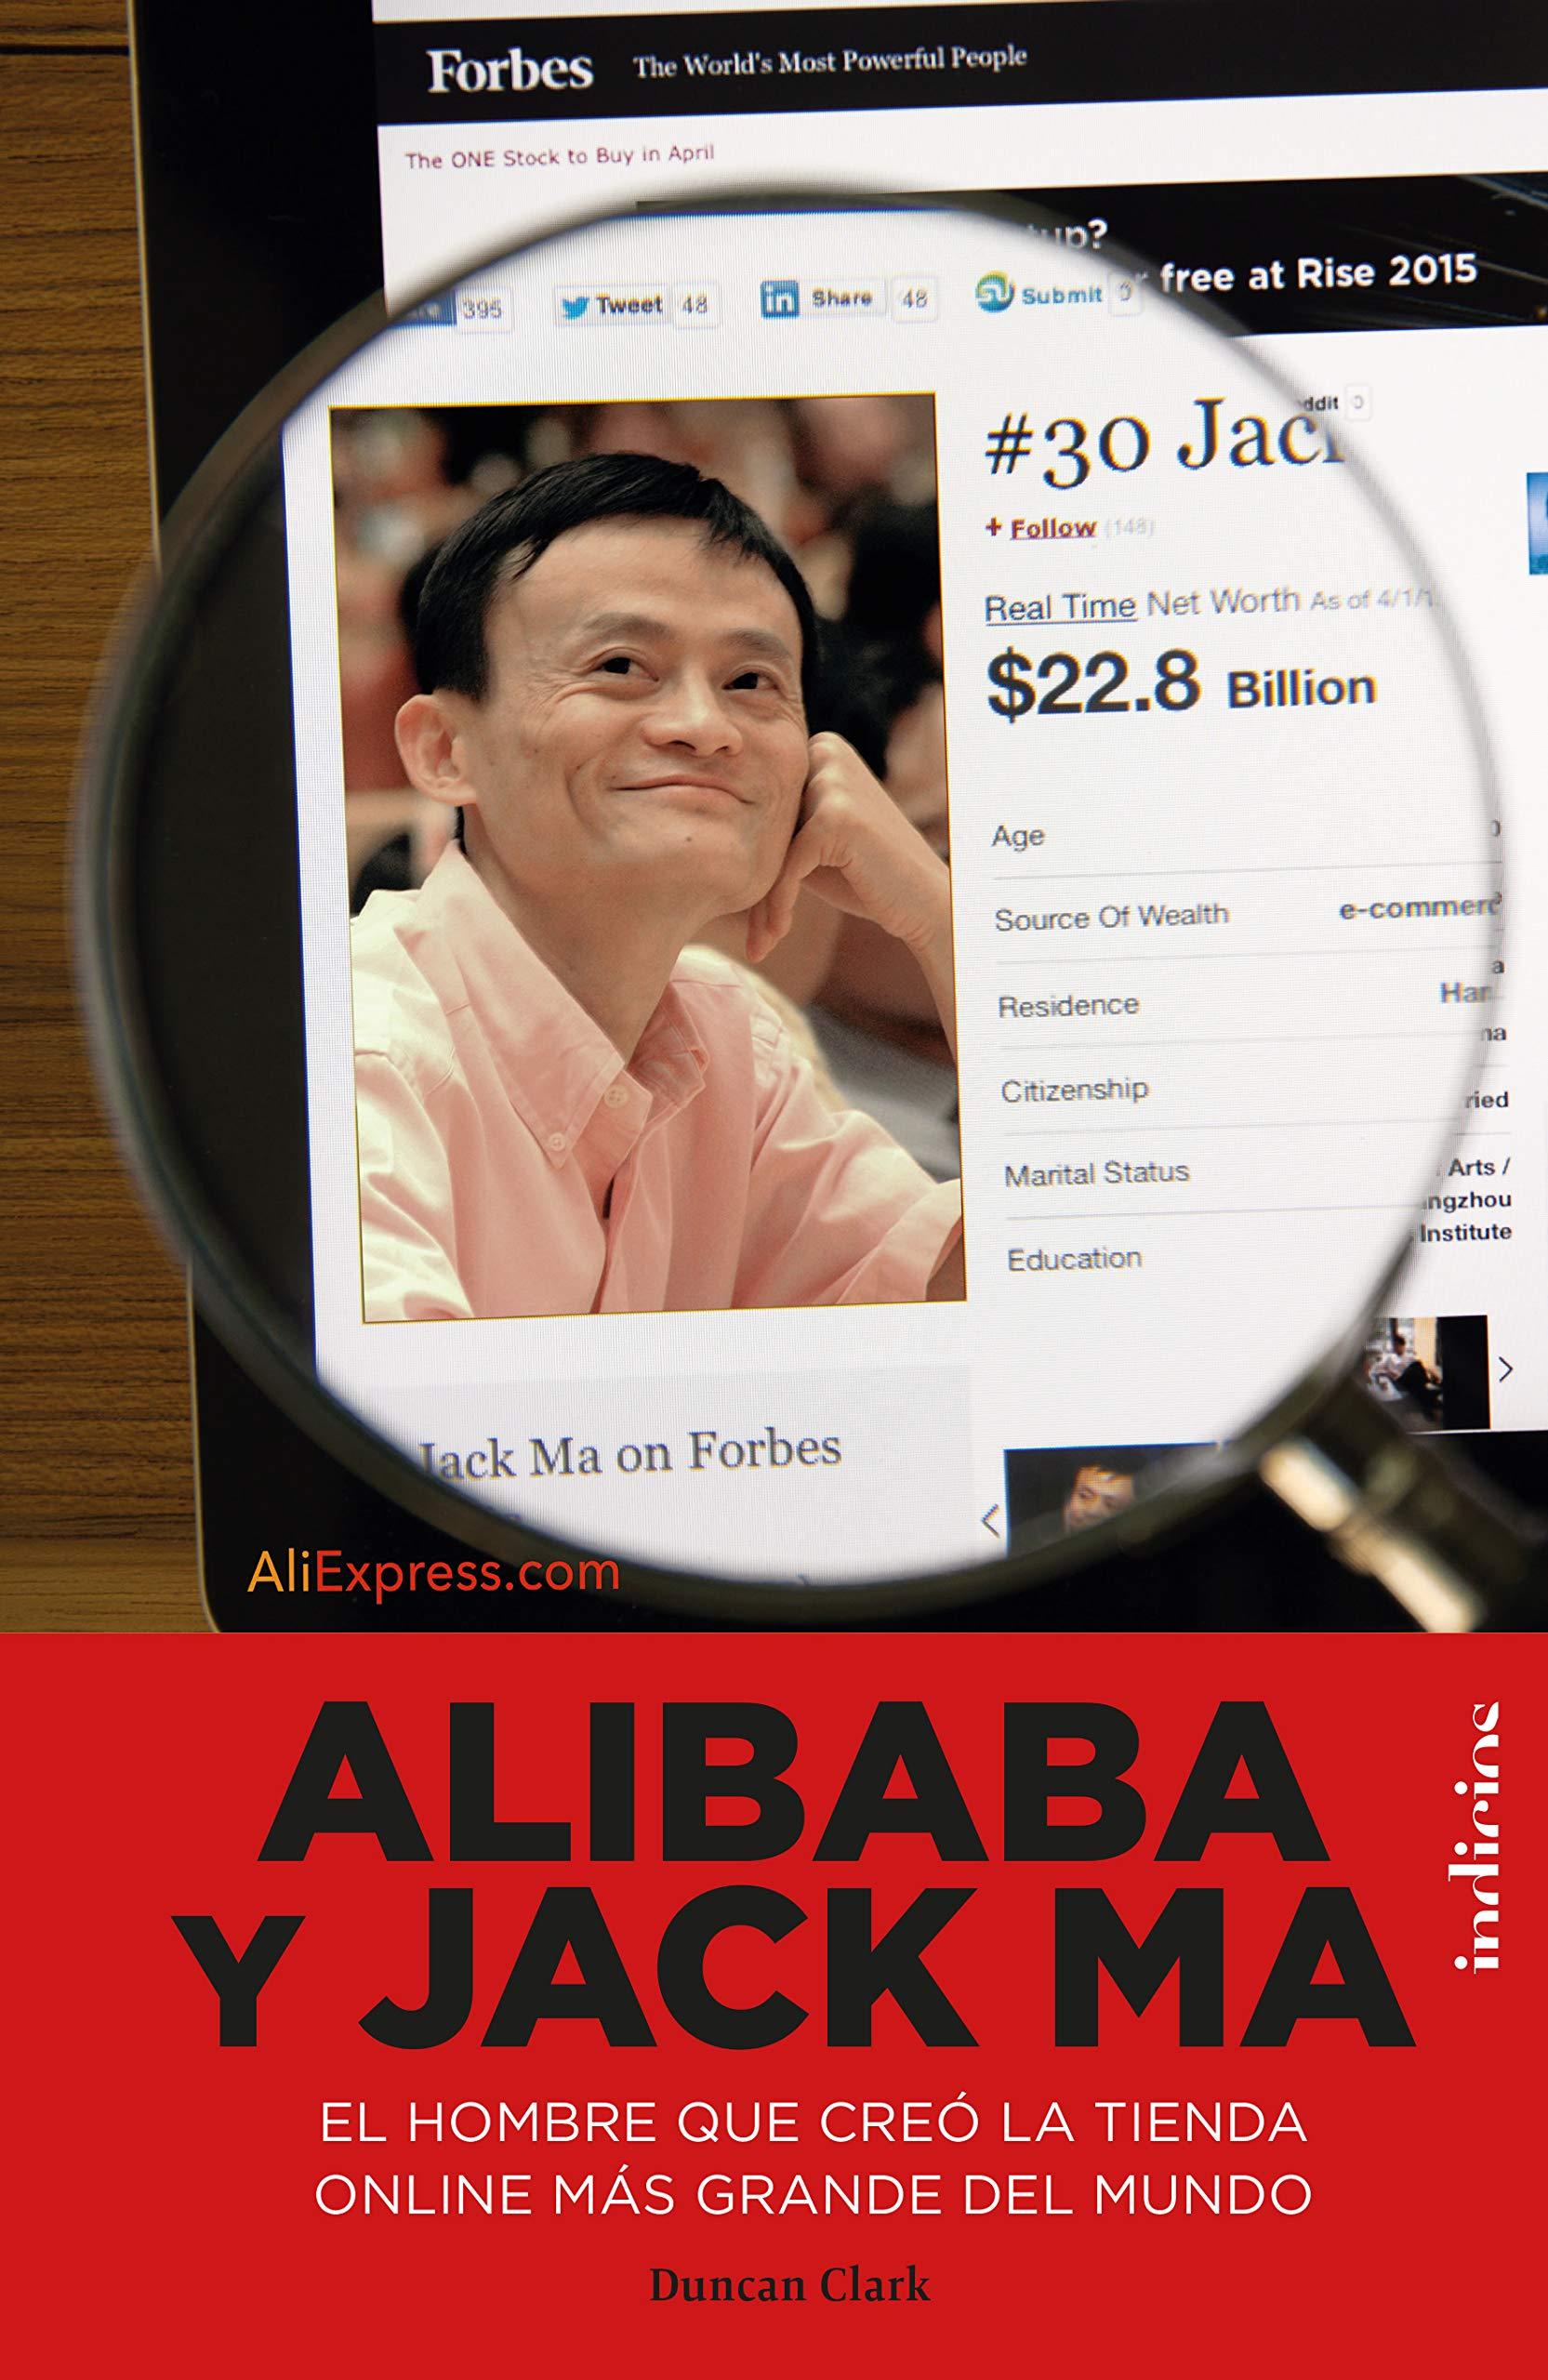 Alibaba y Jack Ma: El hombre que creó la tienda online más grande del mundo Indicios no ficción: Amazon.es: Clark, Duncan, Álvarez de la Miyar, Helena: Libros